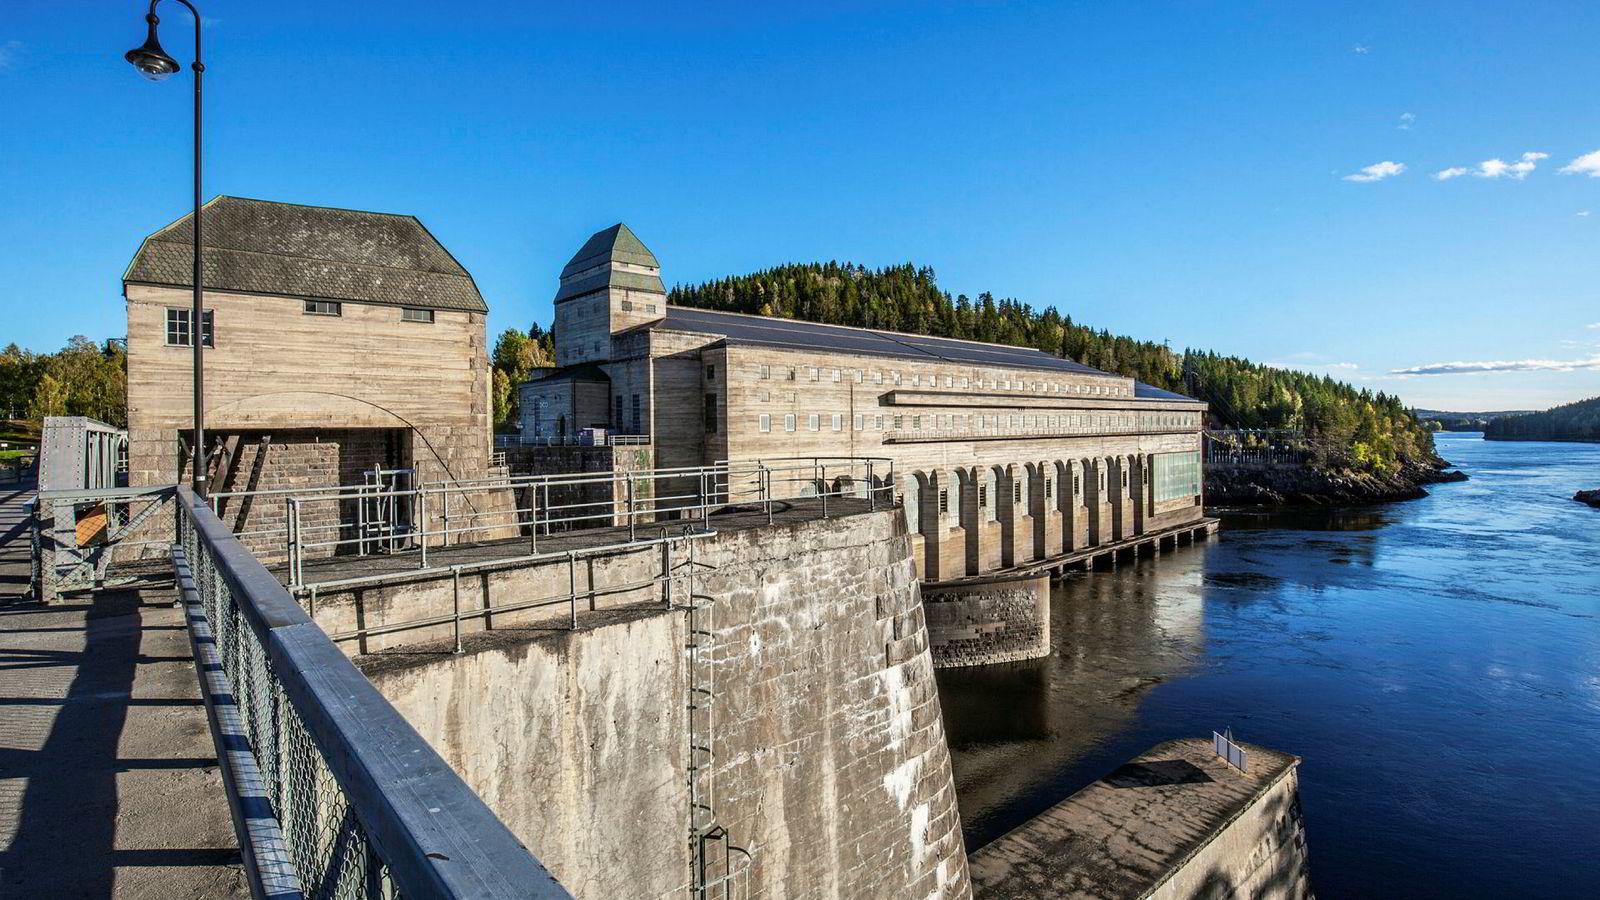 Det strides om hvor stort potensialet er, men det er enighet om at så lenge vannkraft beskattes på dagens nivåer vil dette potensialet ikke tas ut på grunn av manglende lønnsomhet. Bildet viser Solbergfoss kraftverk i Askim kommune.